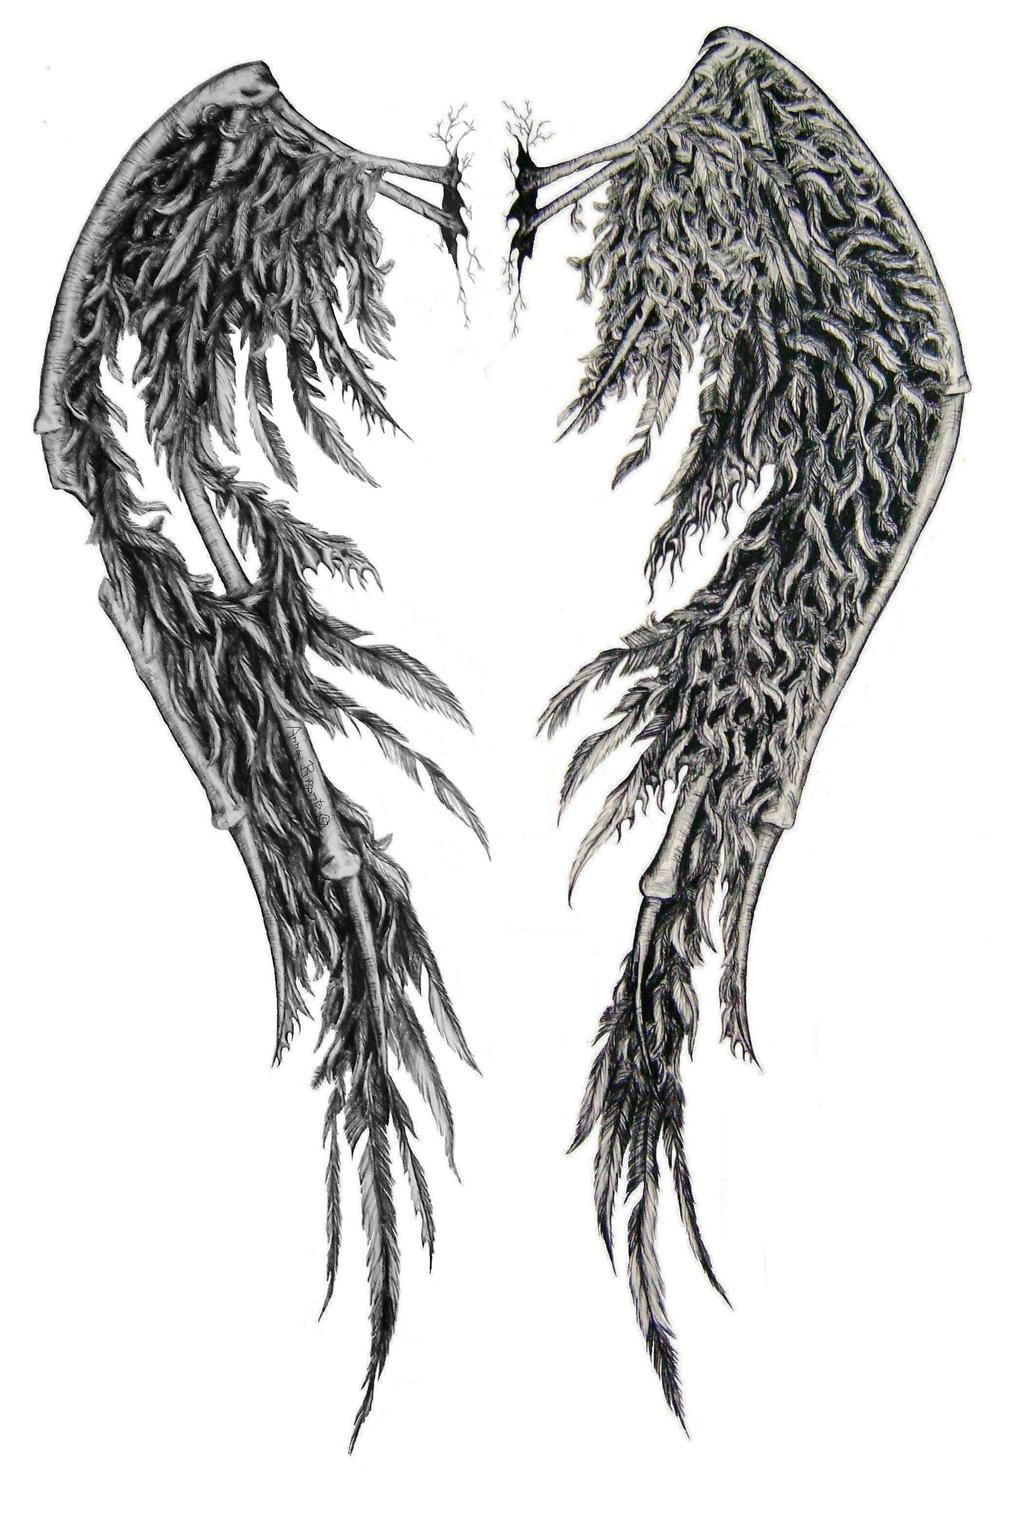 fallen angel wings edited by swarzeztier on deviantart